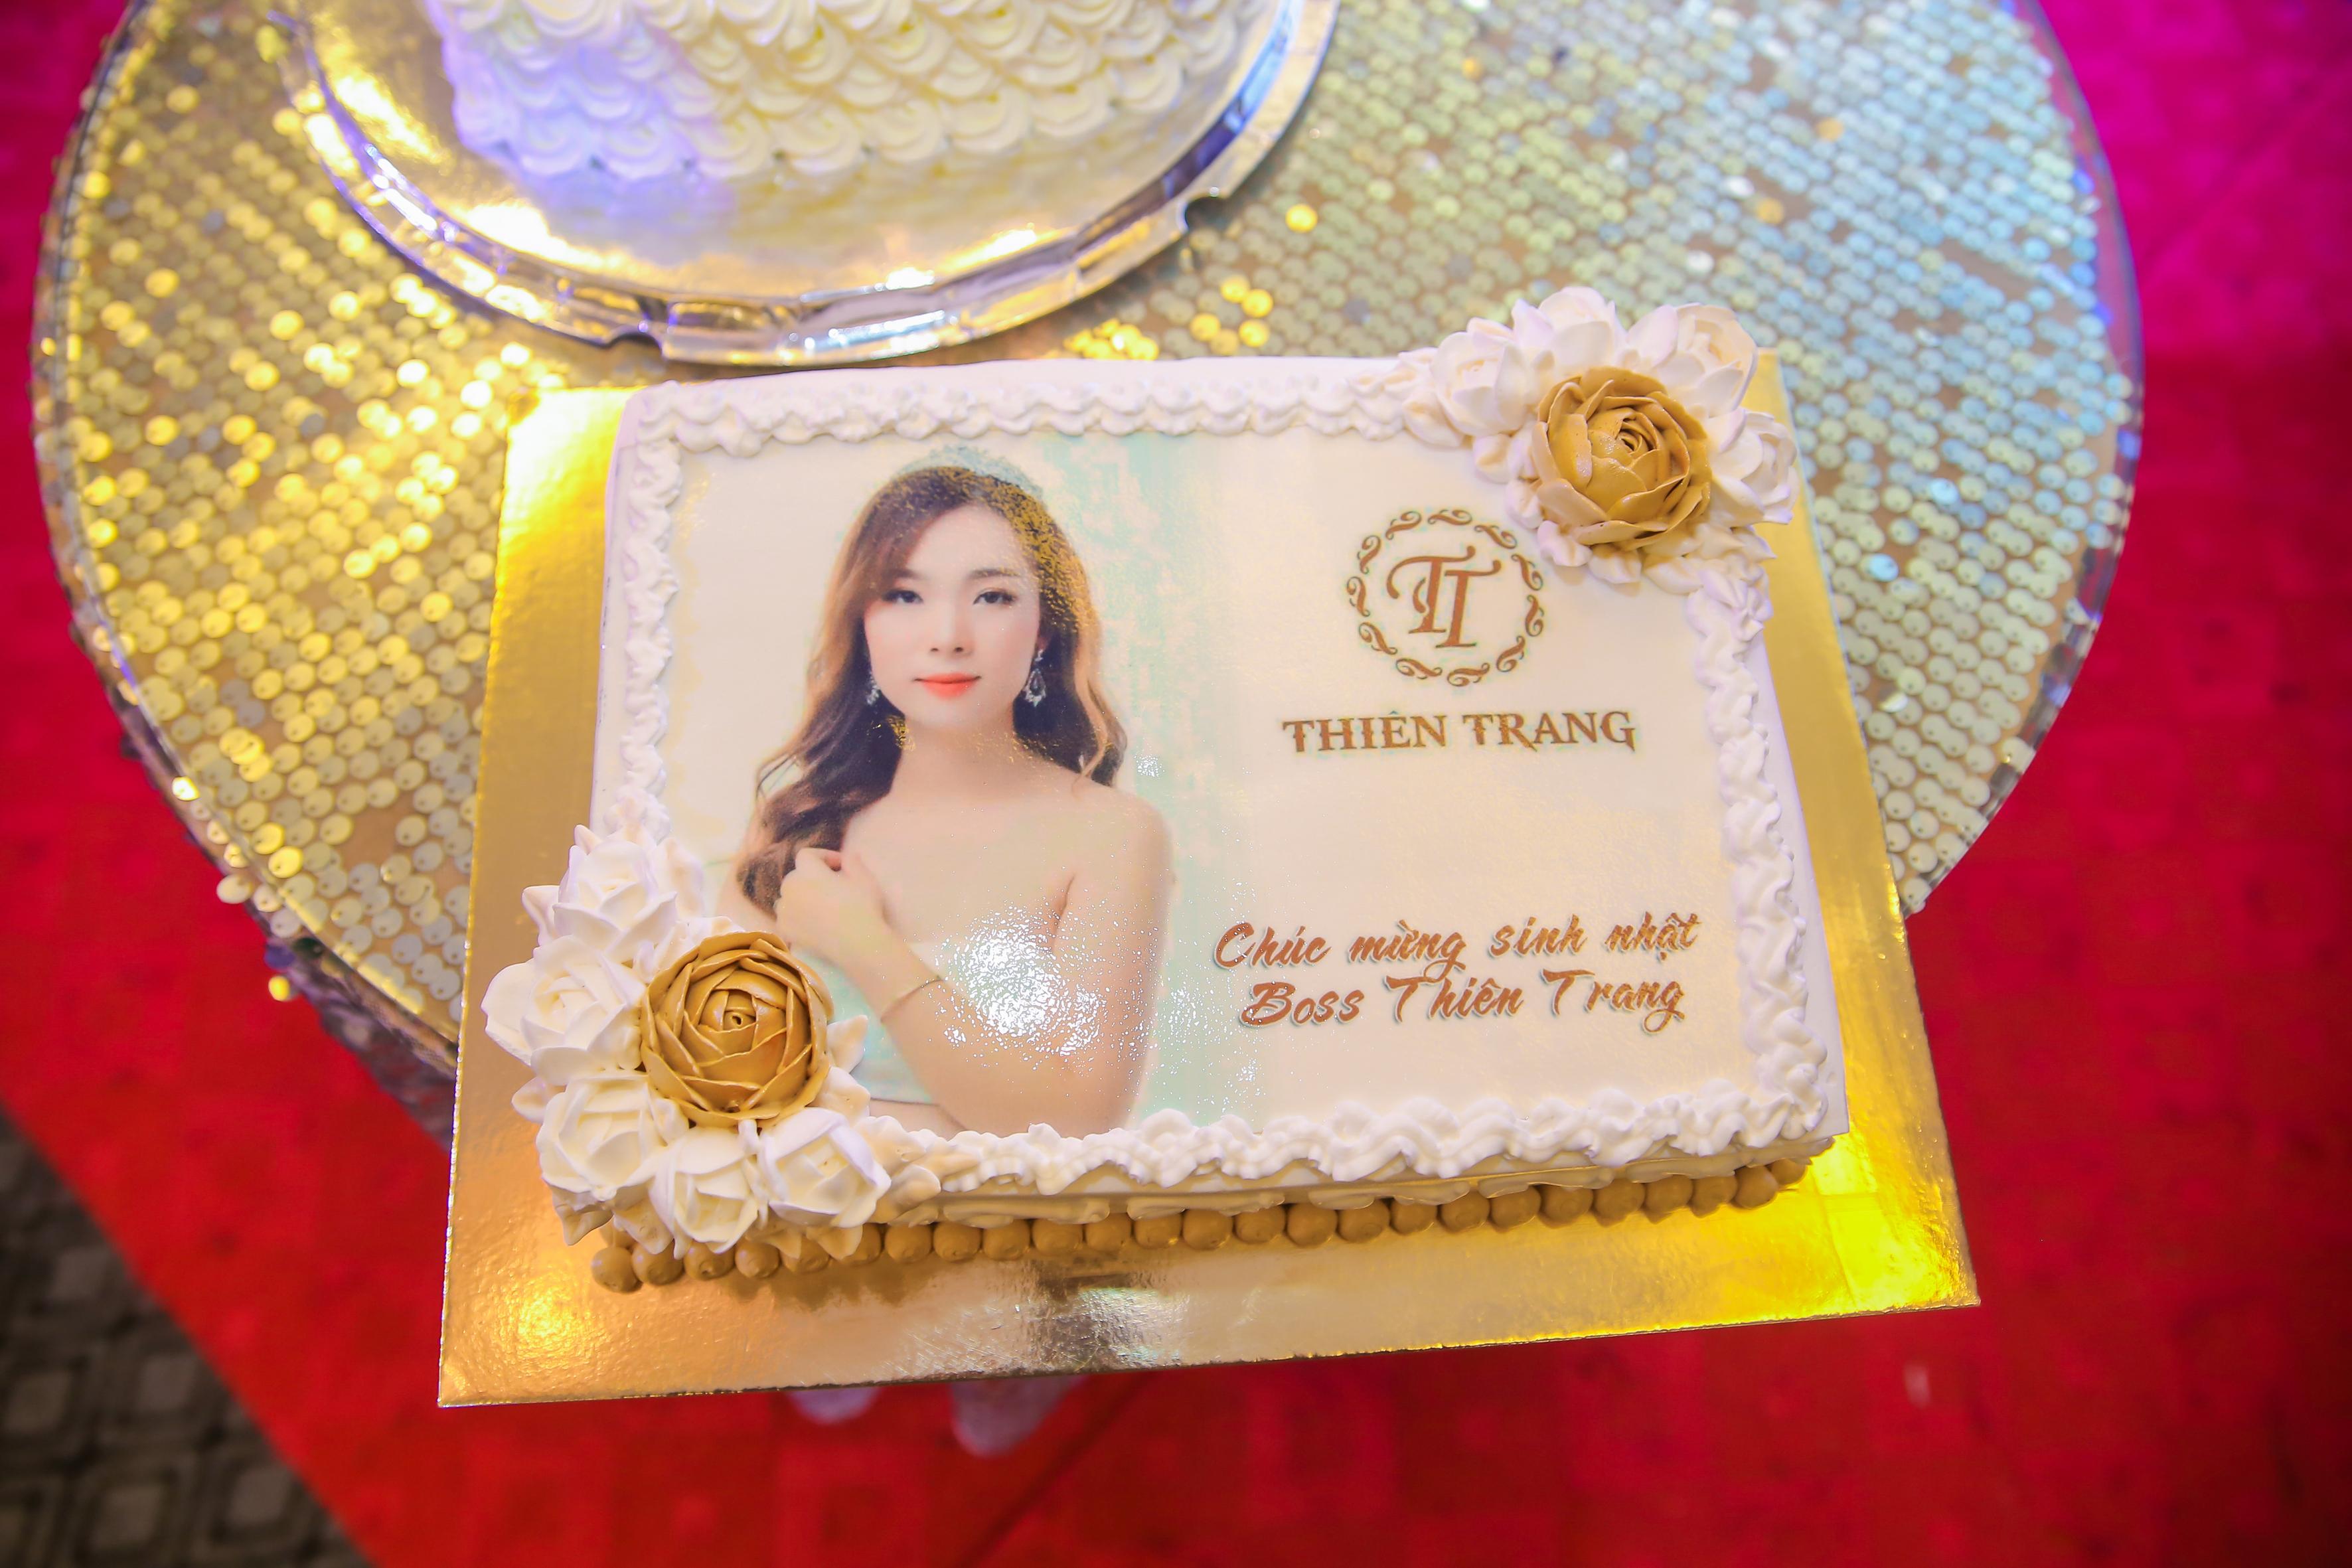 Chiếc bánh sinh nhật dành riêng cho Giám đốc Thiên Trang trong sự kiện